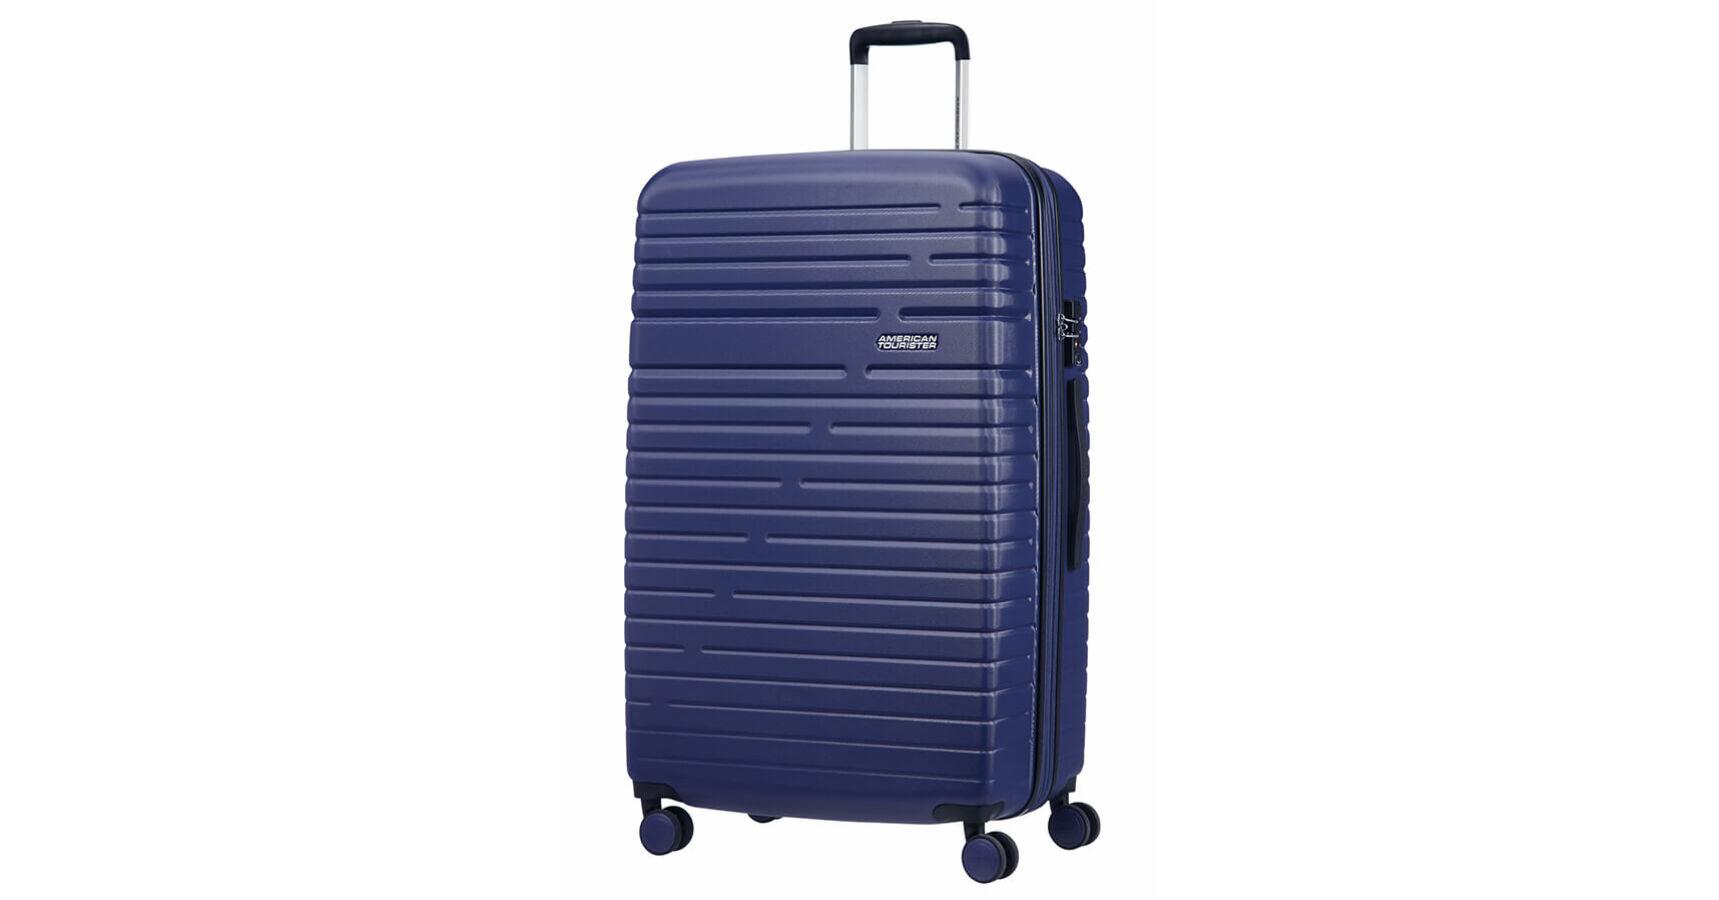 68706577208a American Tourister AERO RACER Bővíthető Spinner bőrönd 79 cm - Kemény bőrönd  - Etáska - minőségi táska webáruház hatalmas választékkal